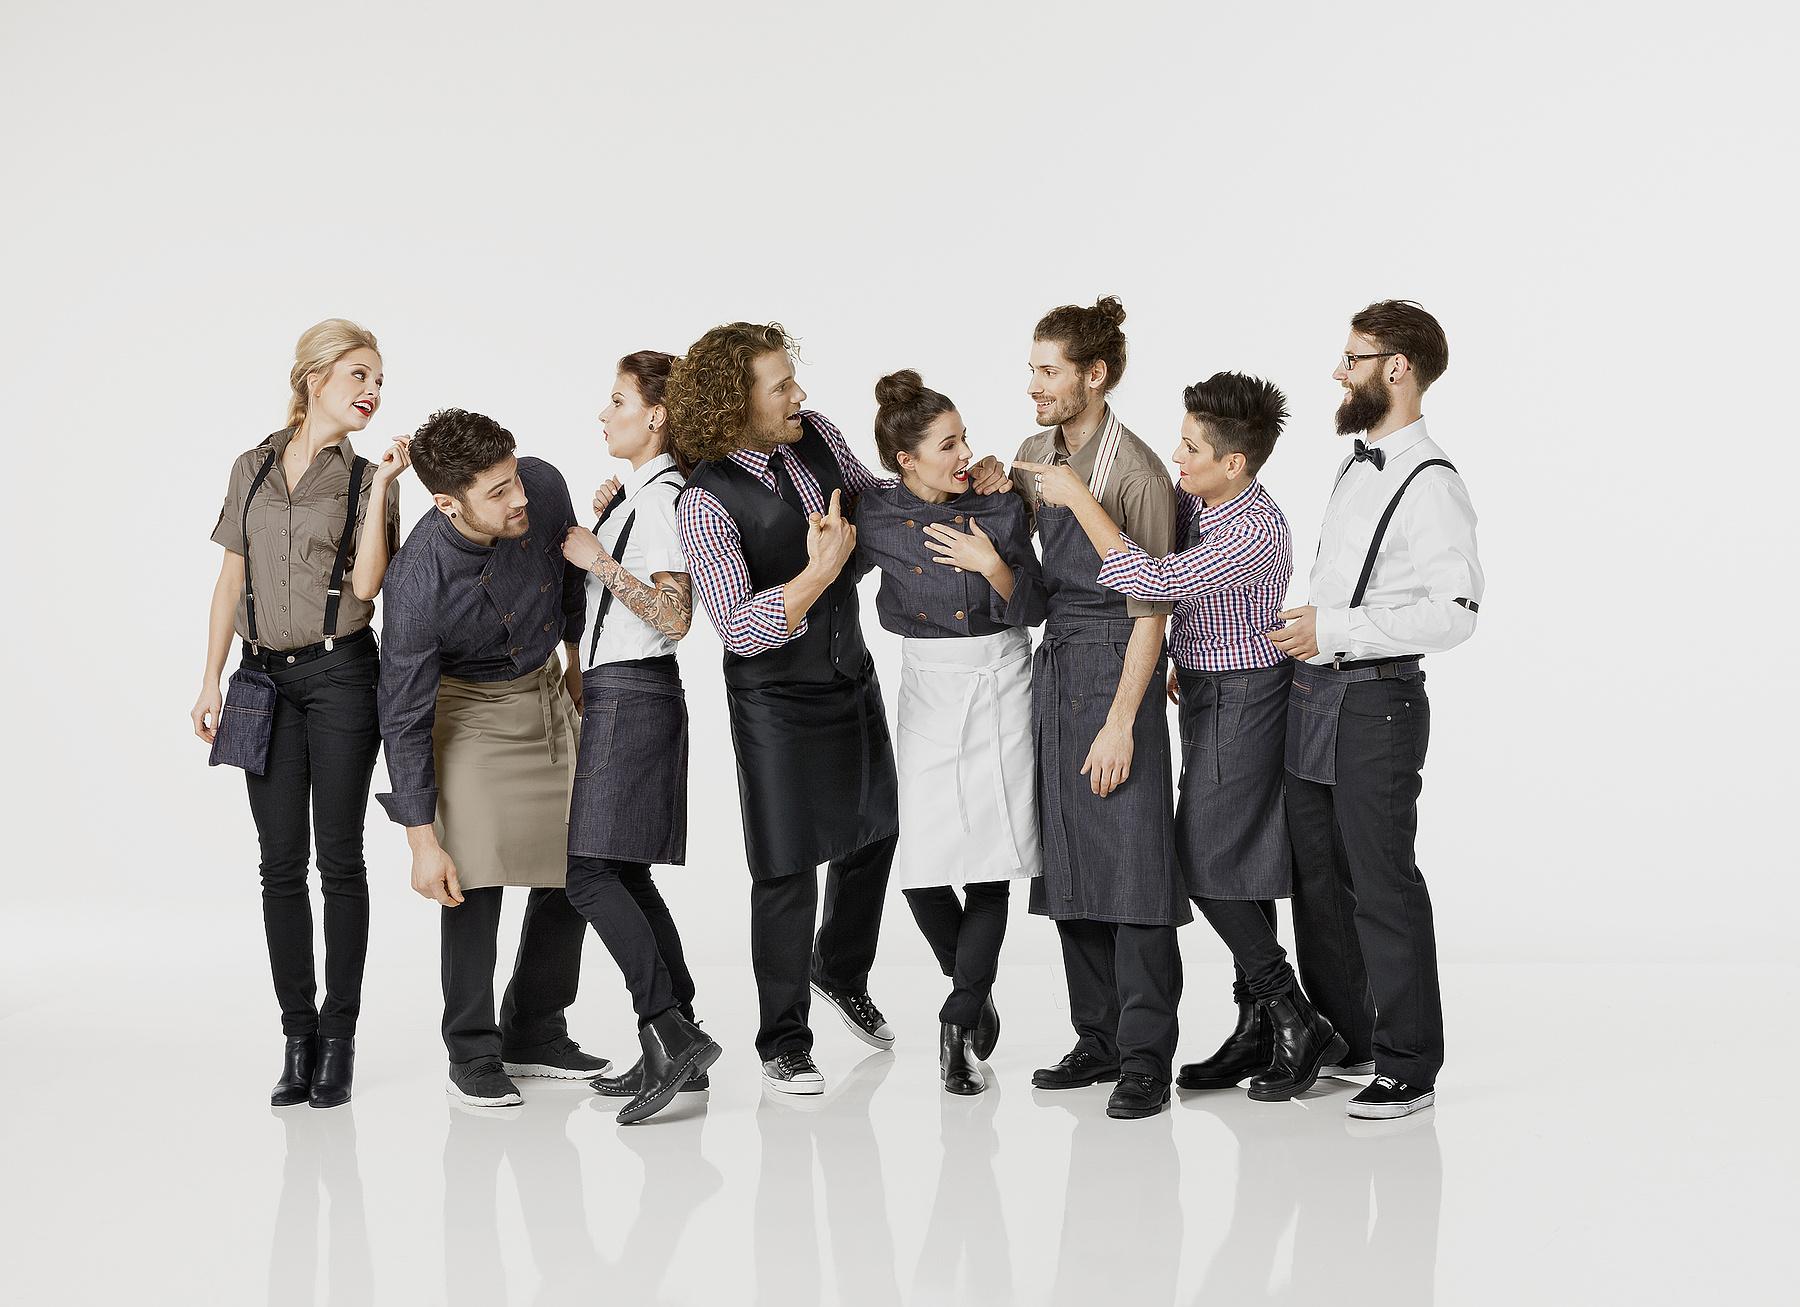 Kleider für den professionellen Auftritt | Hotellerie Gastronomie Zeitung